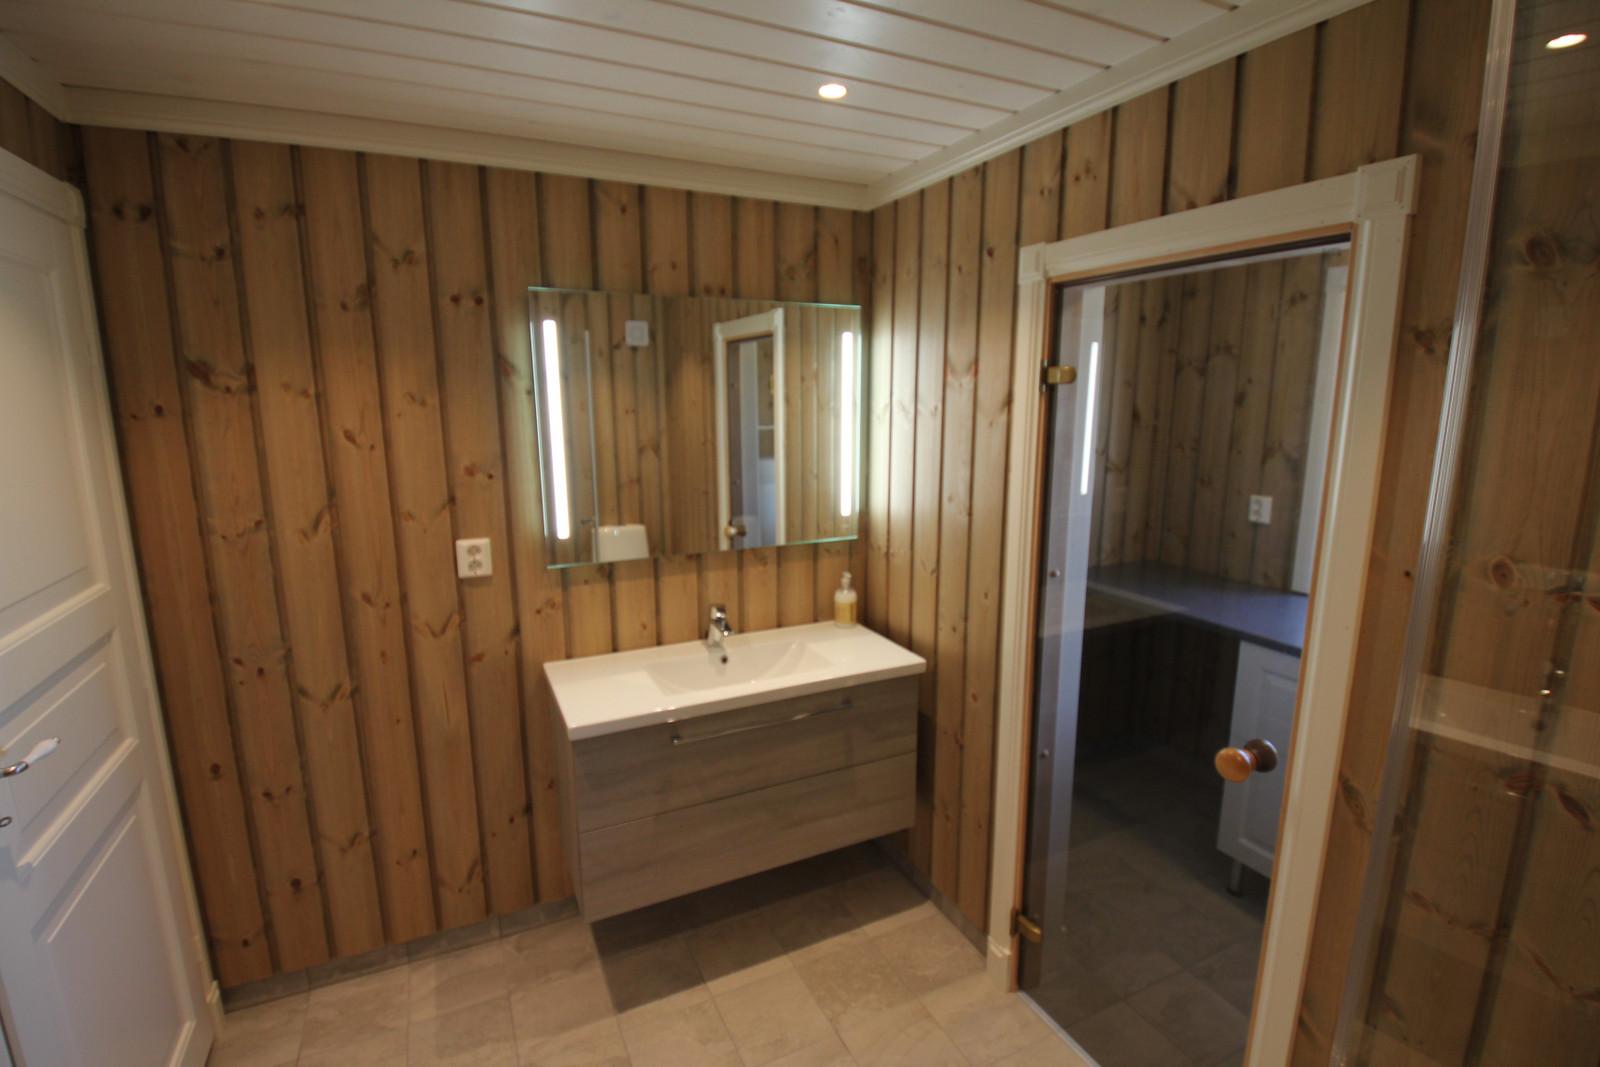 Standard bad med vaskerom eller badstue. Kunde tilpasset farger